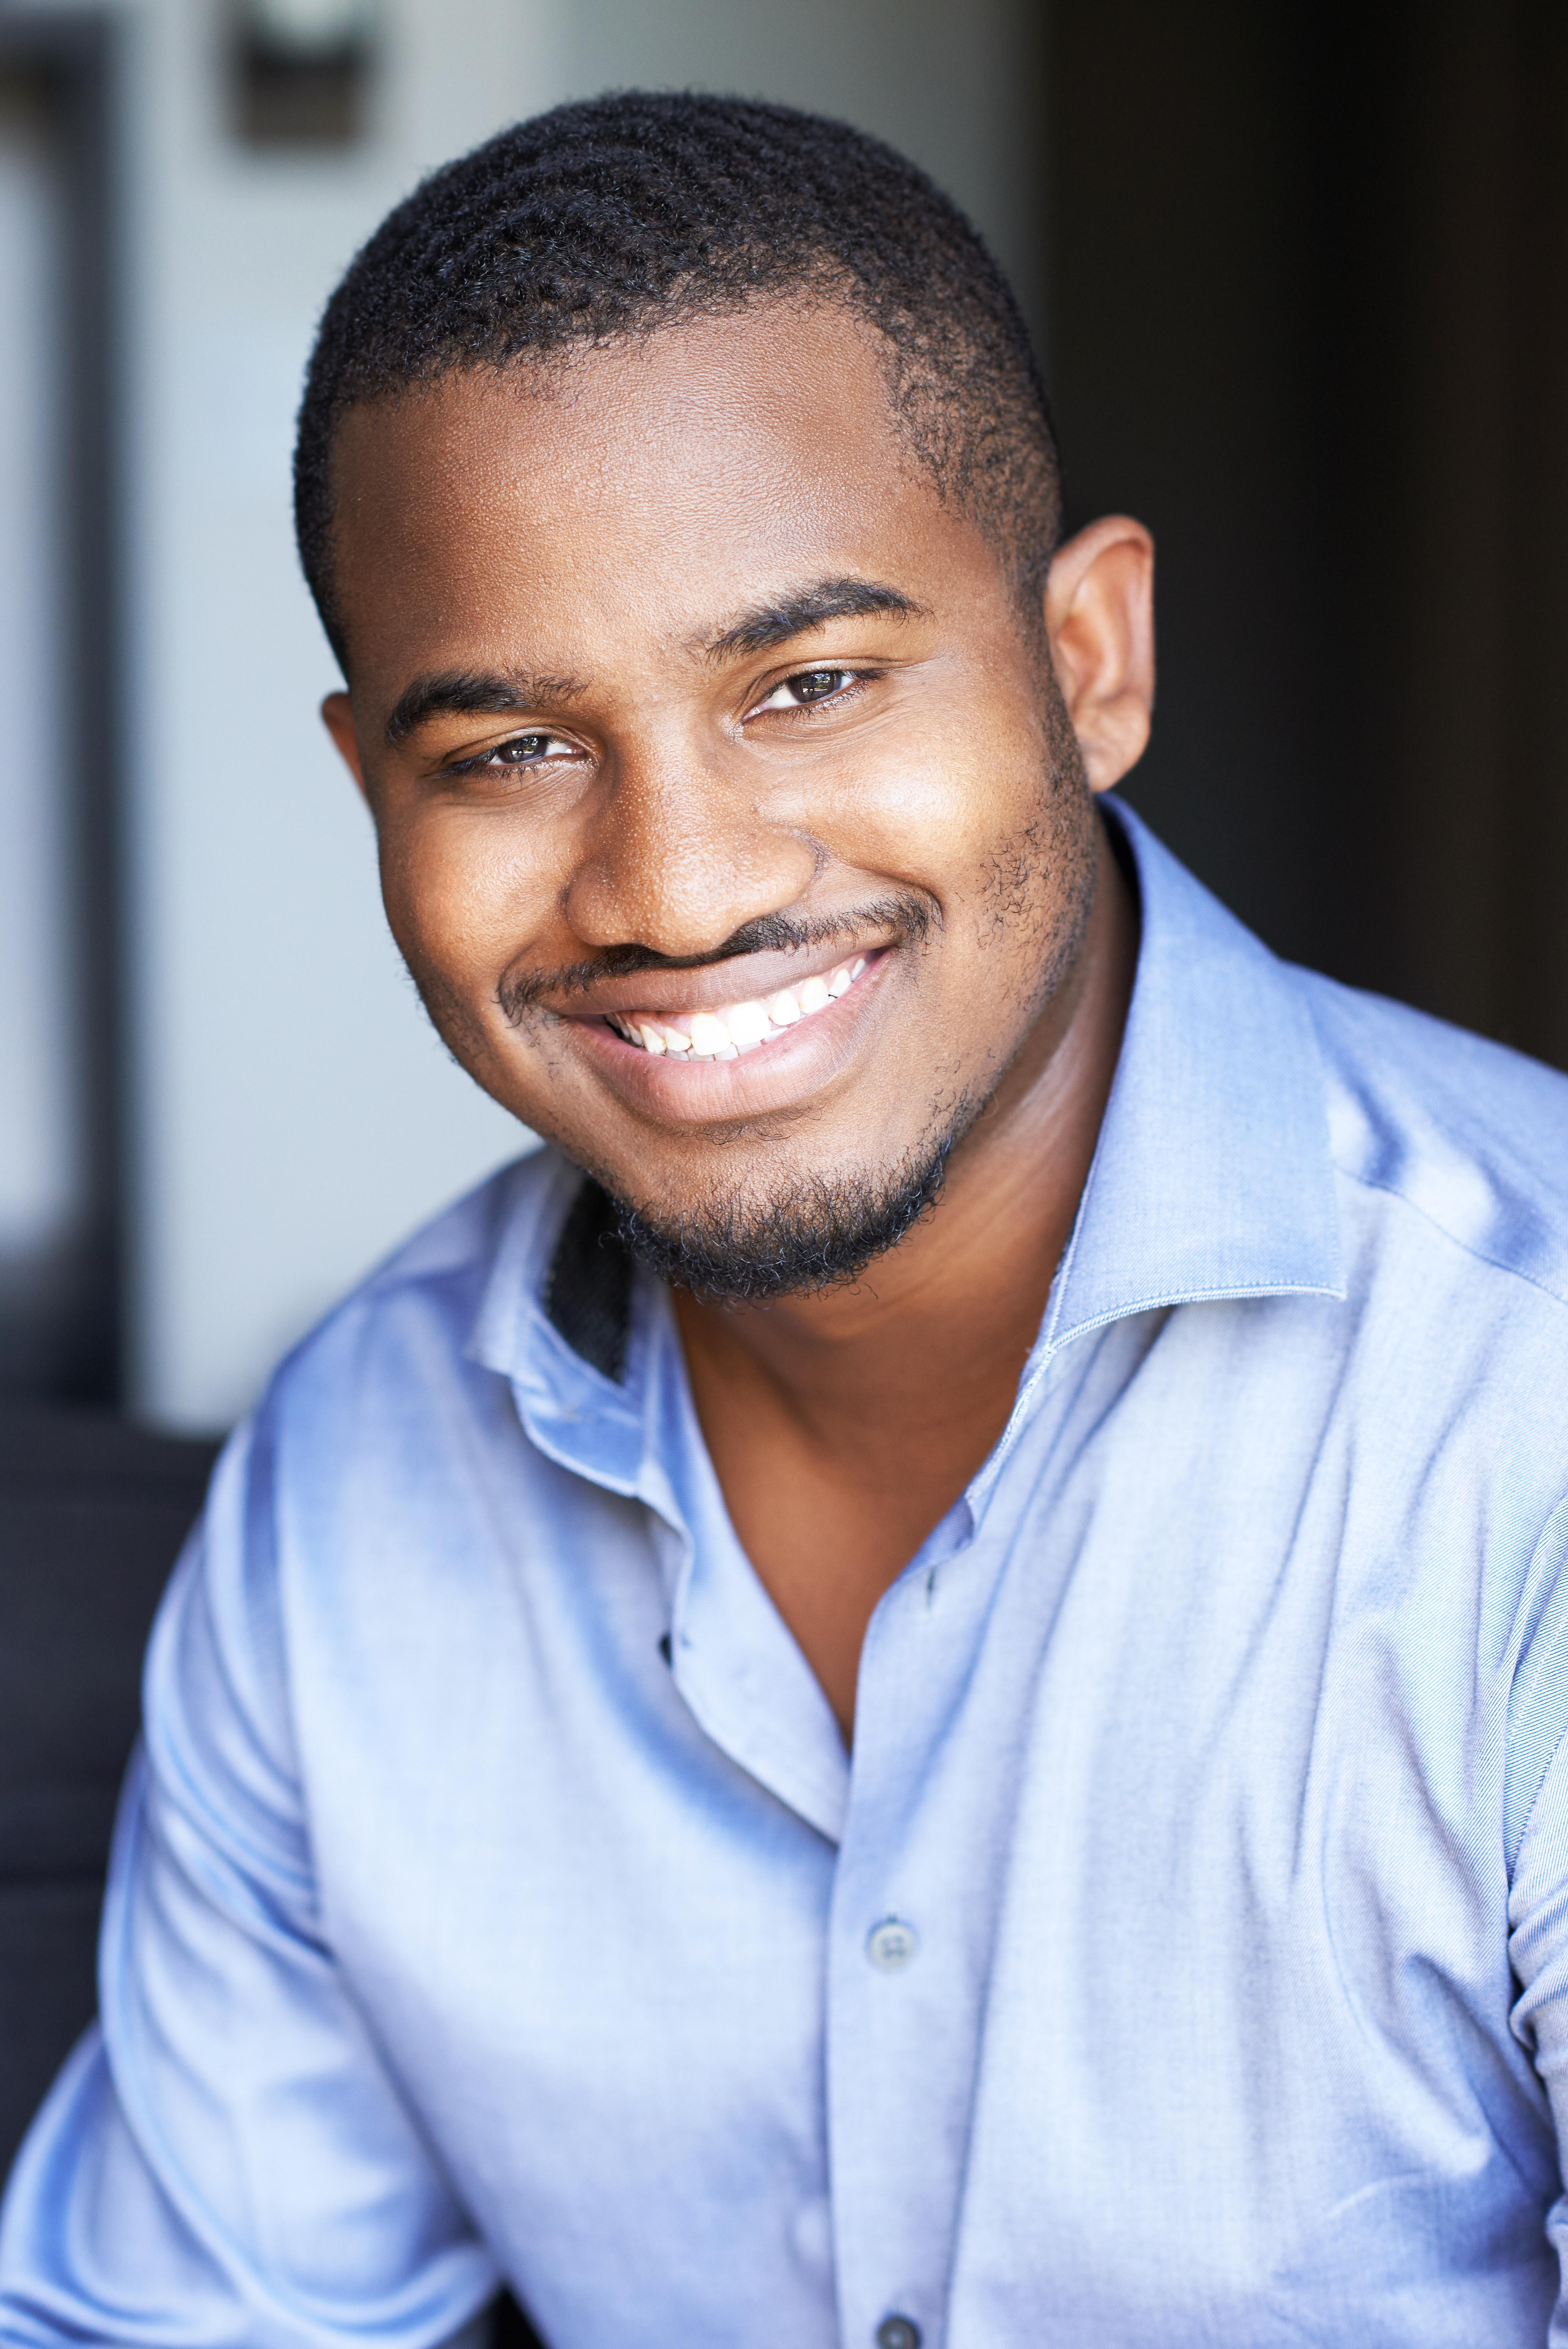 Christian Black, NTPA Dallas Program Director